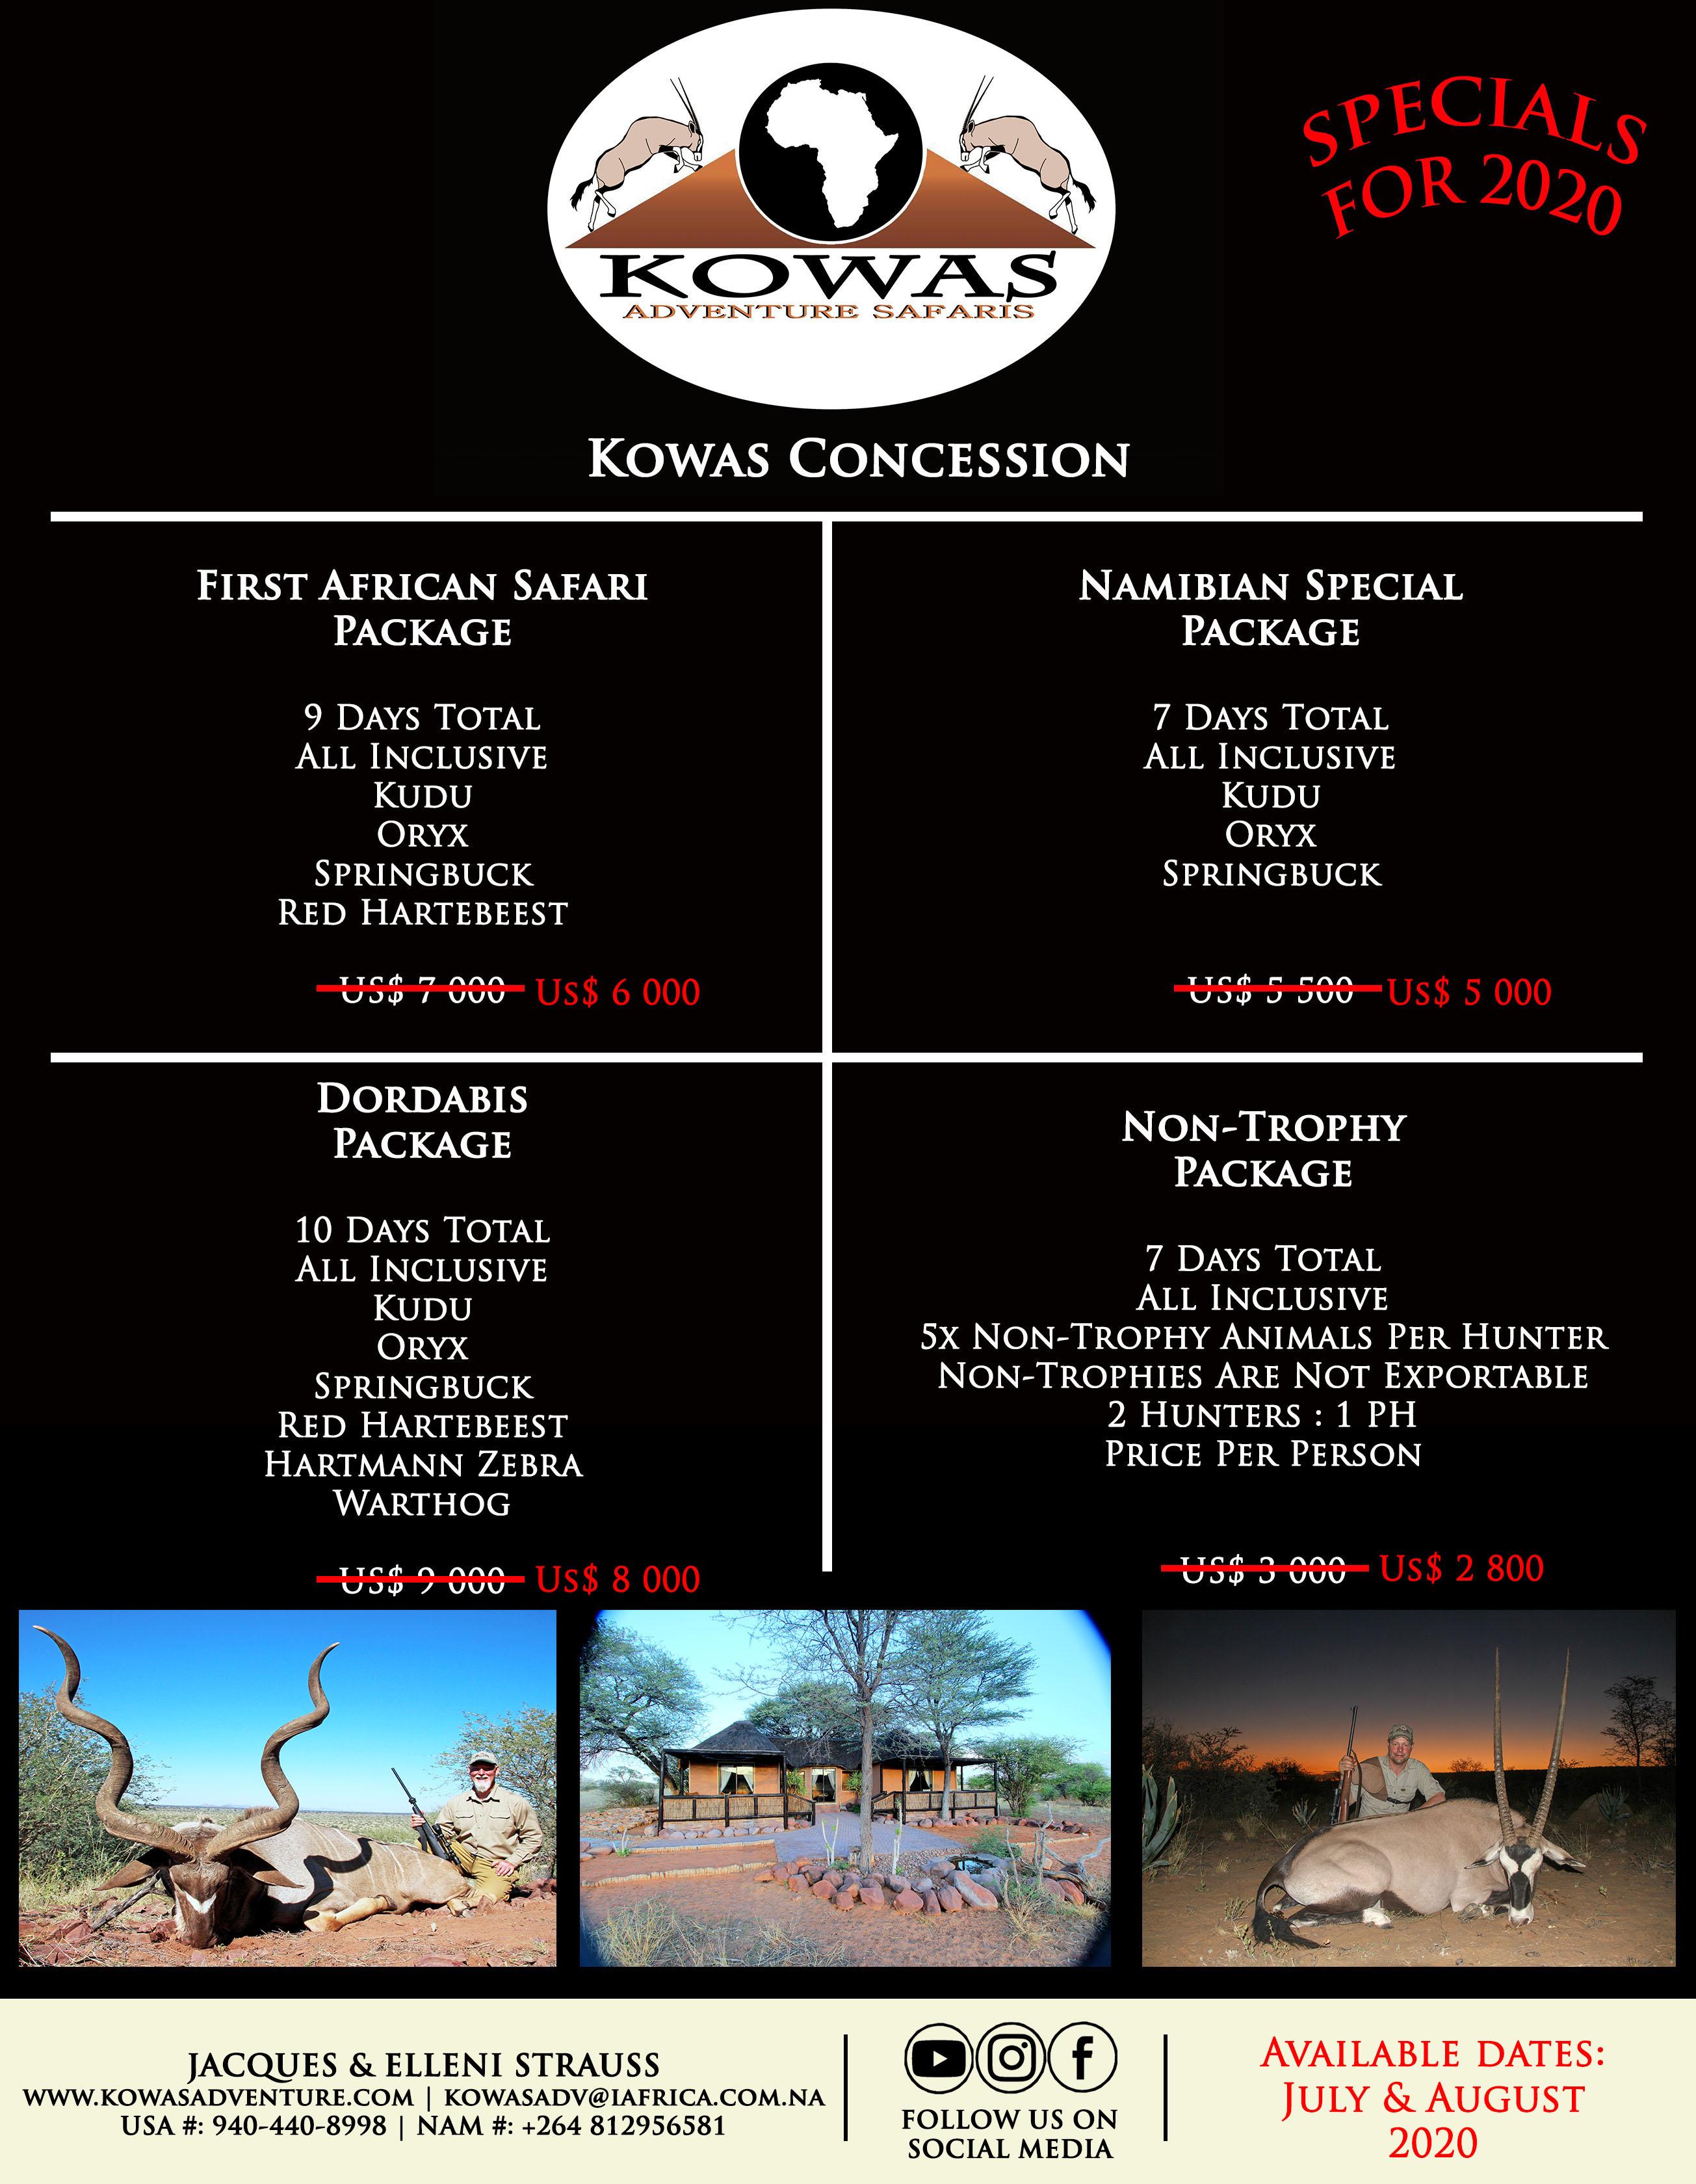 Kowas Adventure Safaris - 2020 Specials.jpg